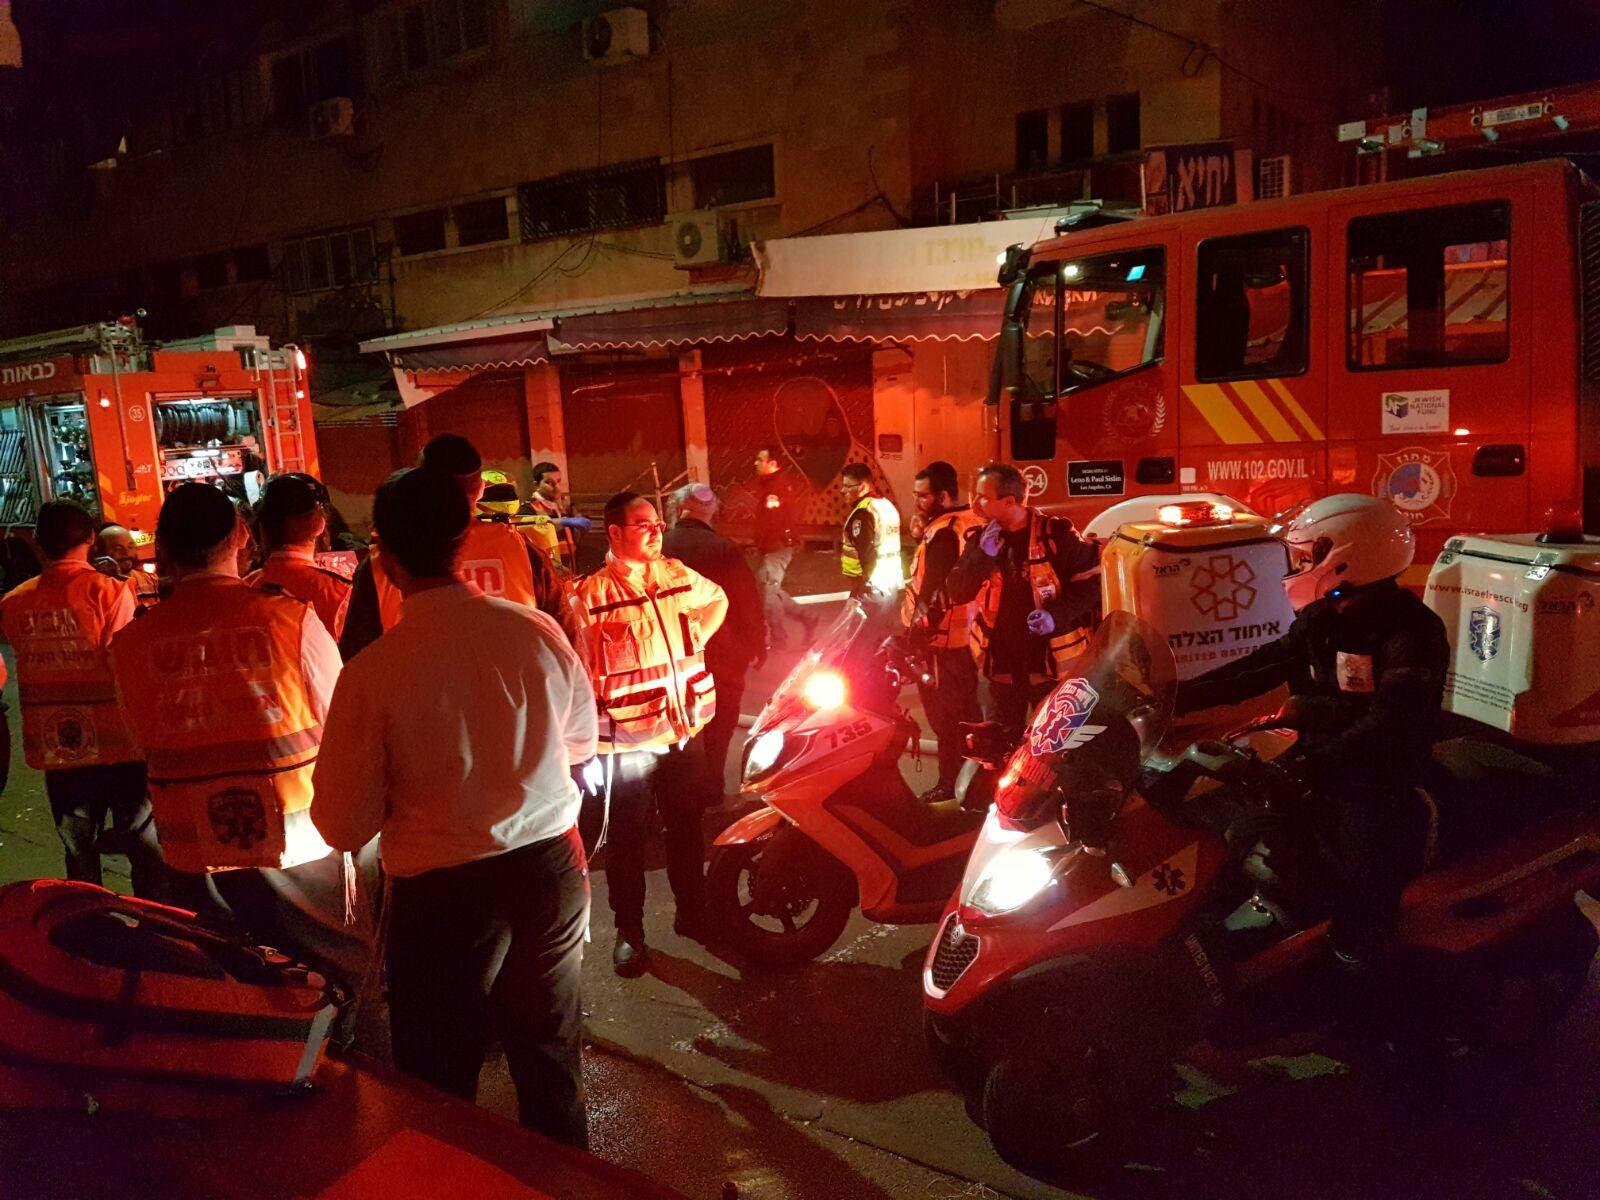 עשרה נפגעים, בהם אשה באורח בינוני, כתוצאה משריפה בבניין מגורים בחיפה